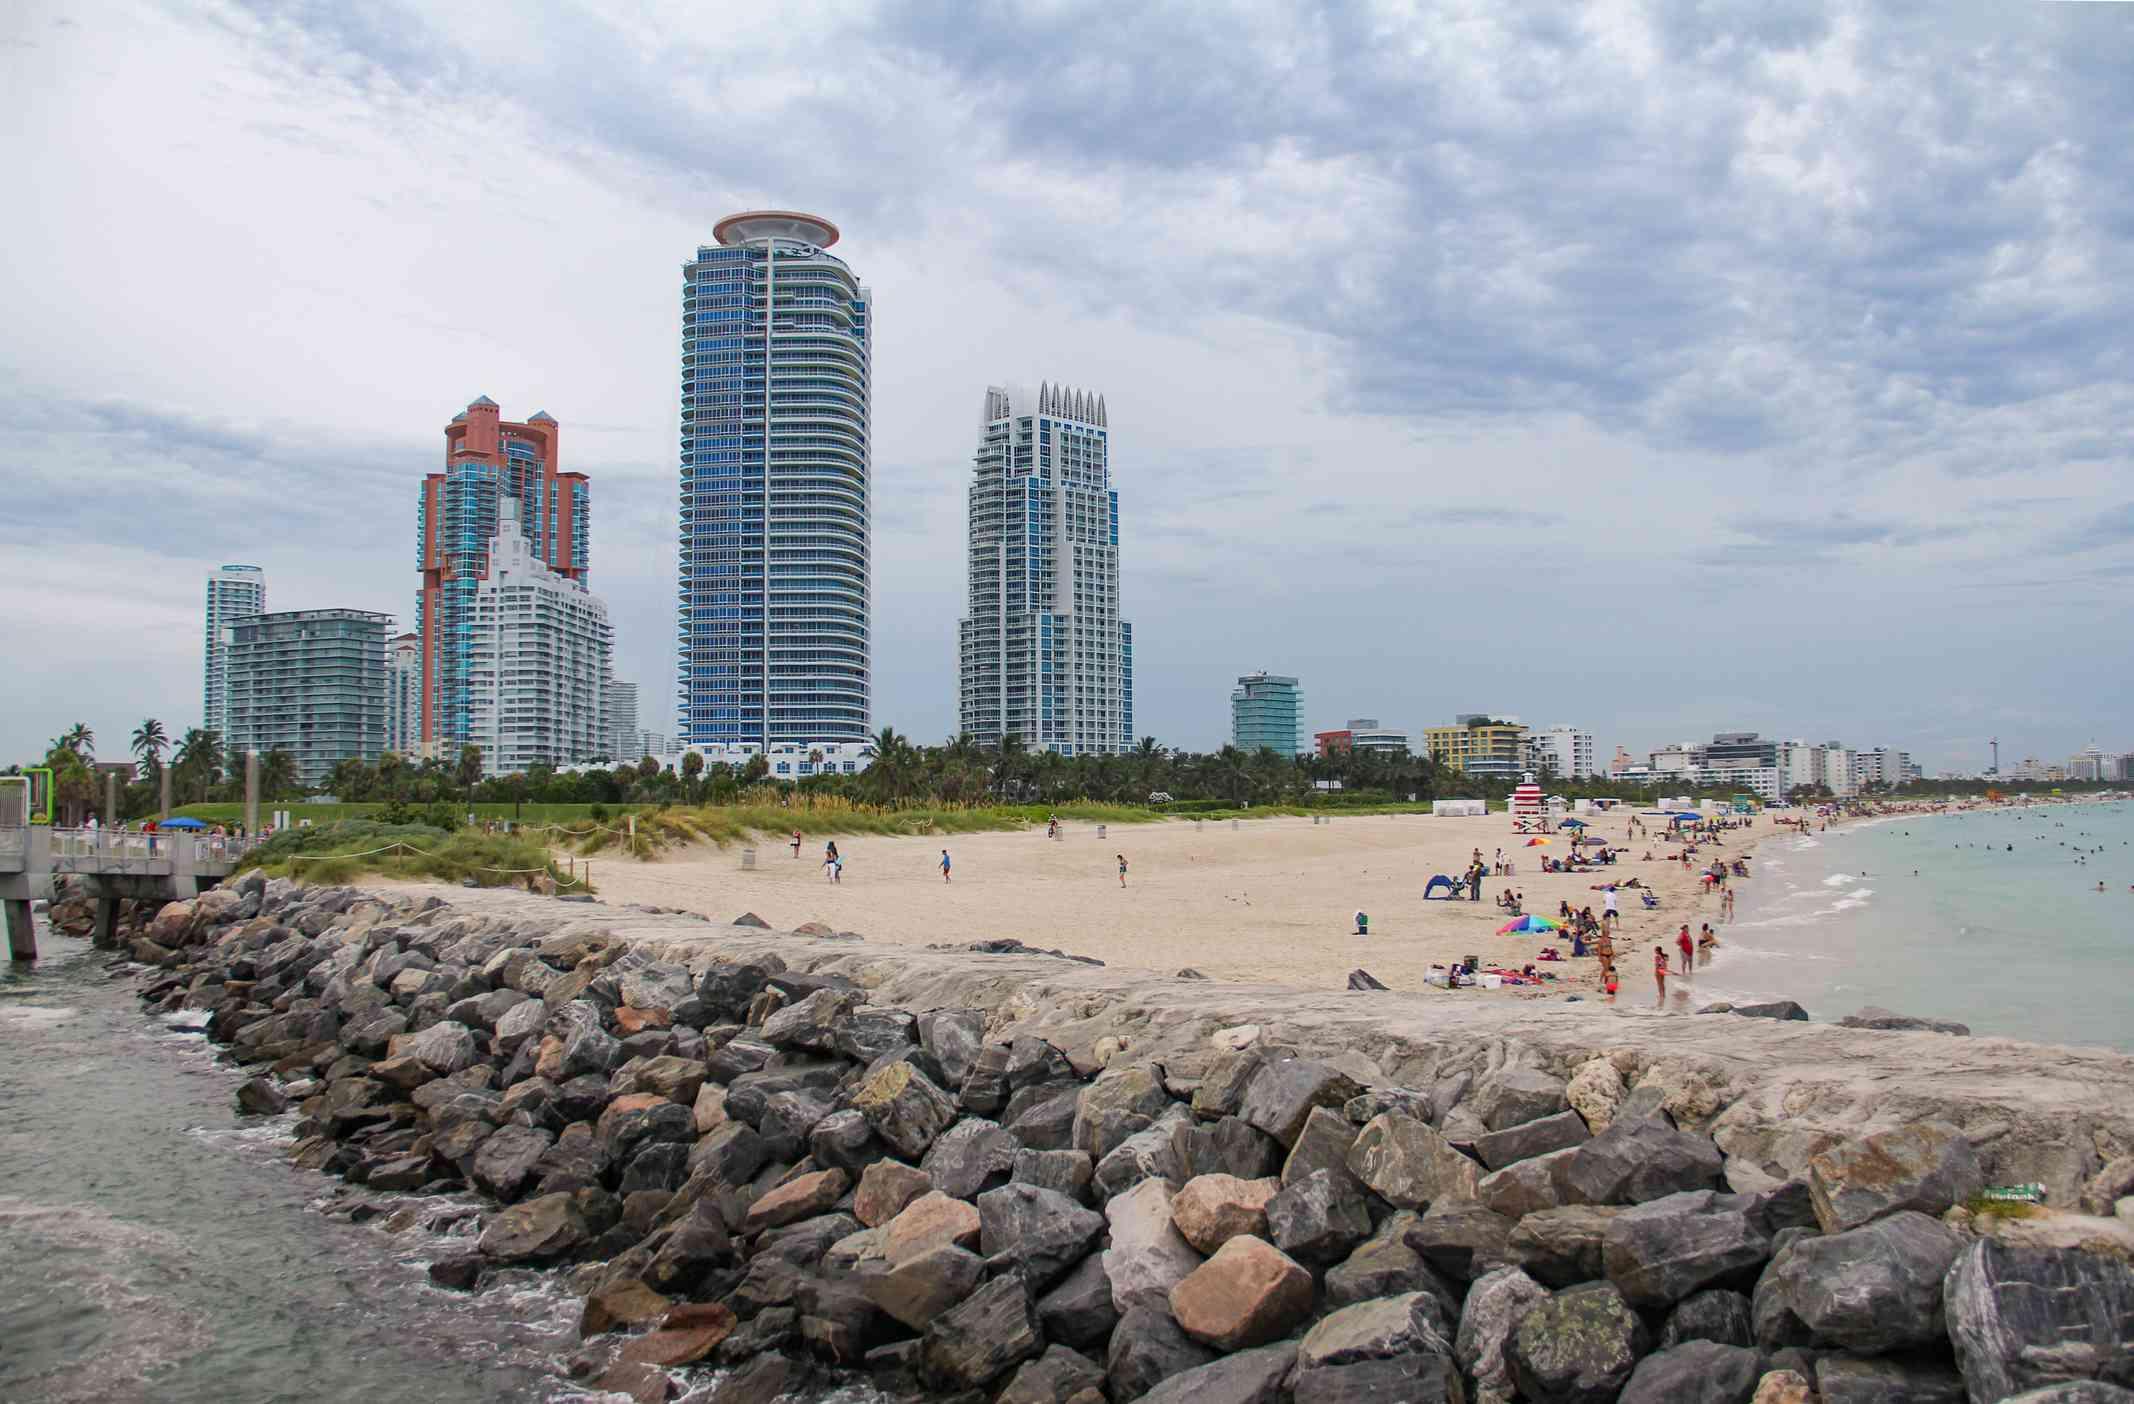 Miami Beach skyline from South Pointe Park